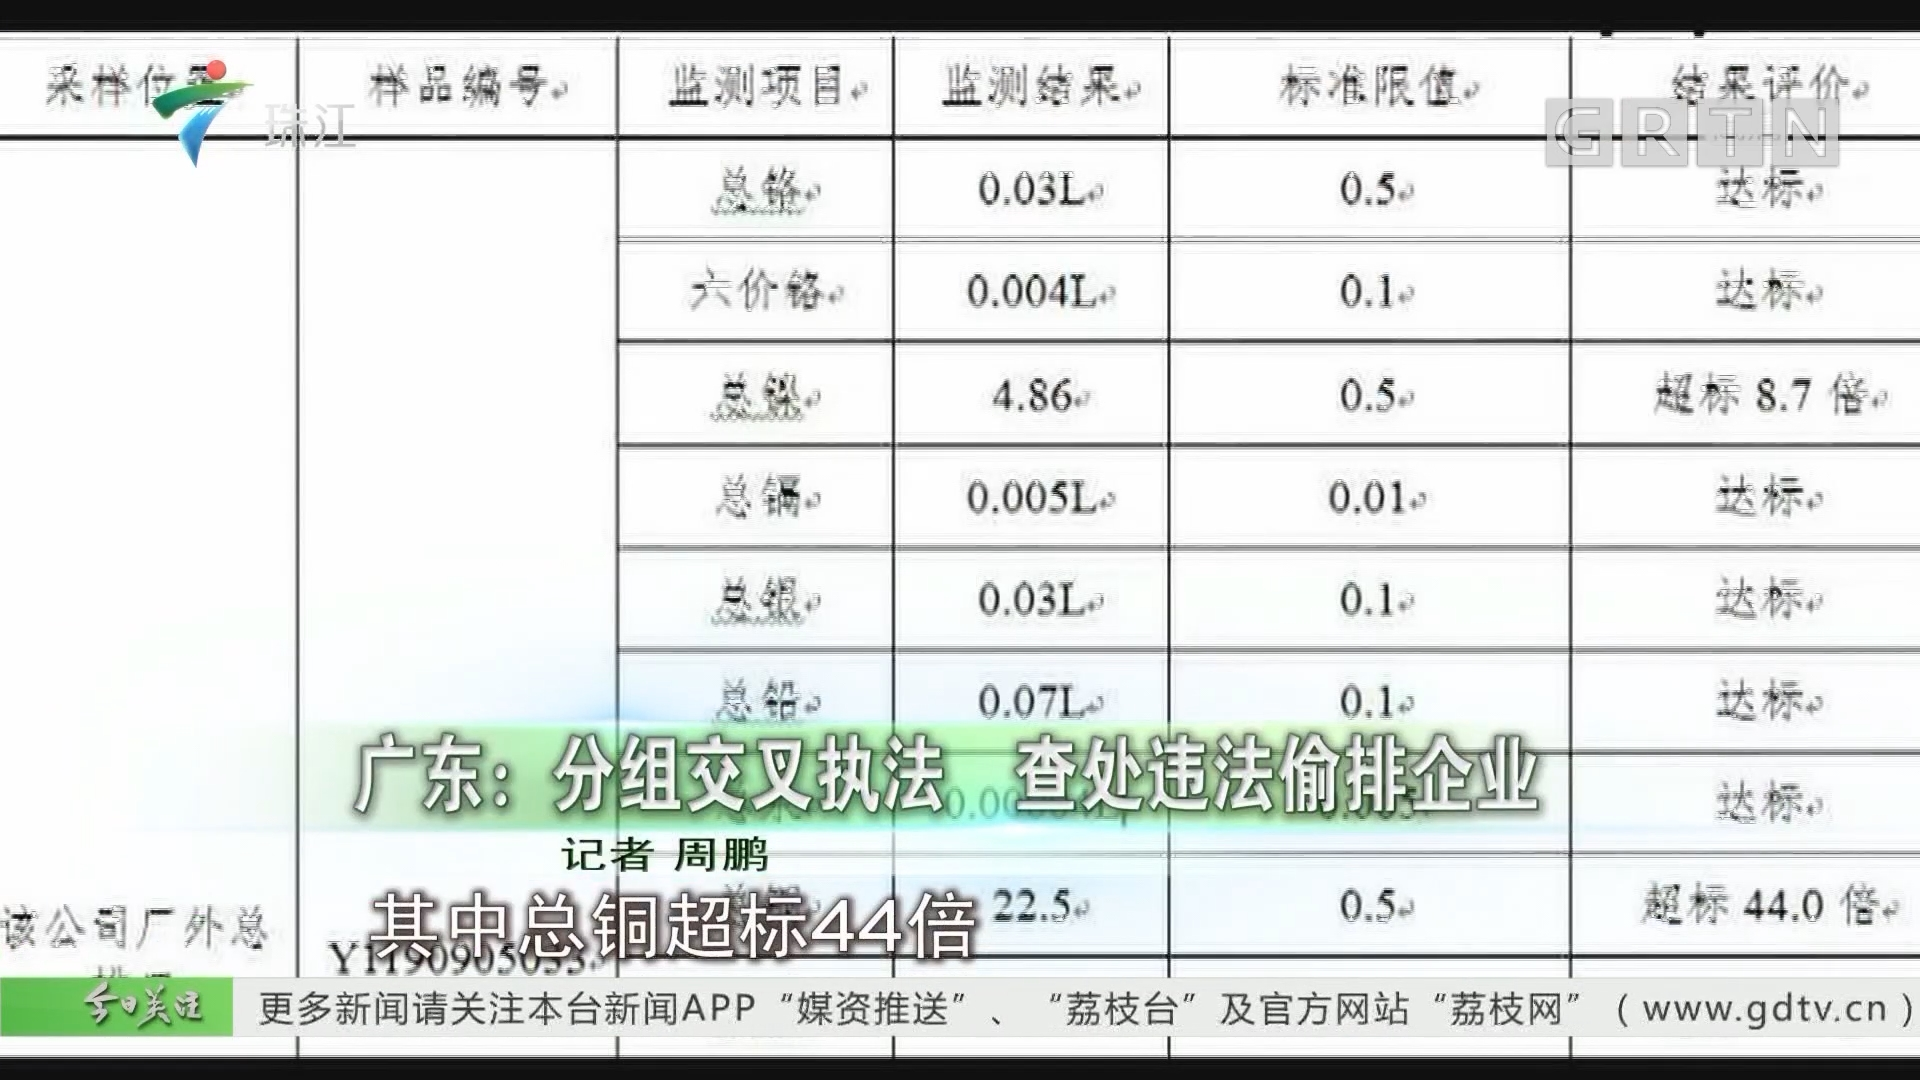 广东:分组交叉执法 查处违法偷排企业